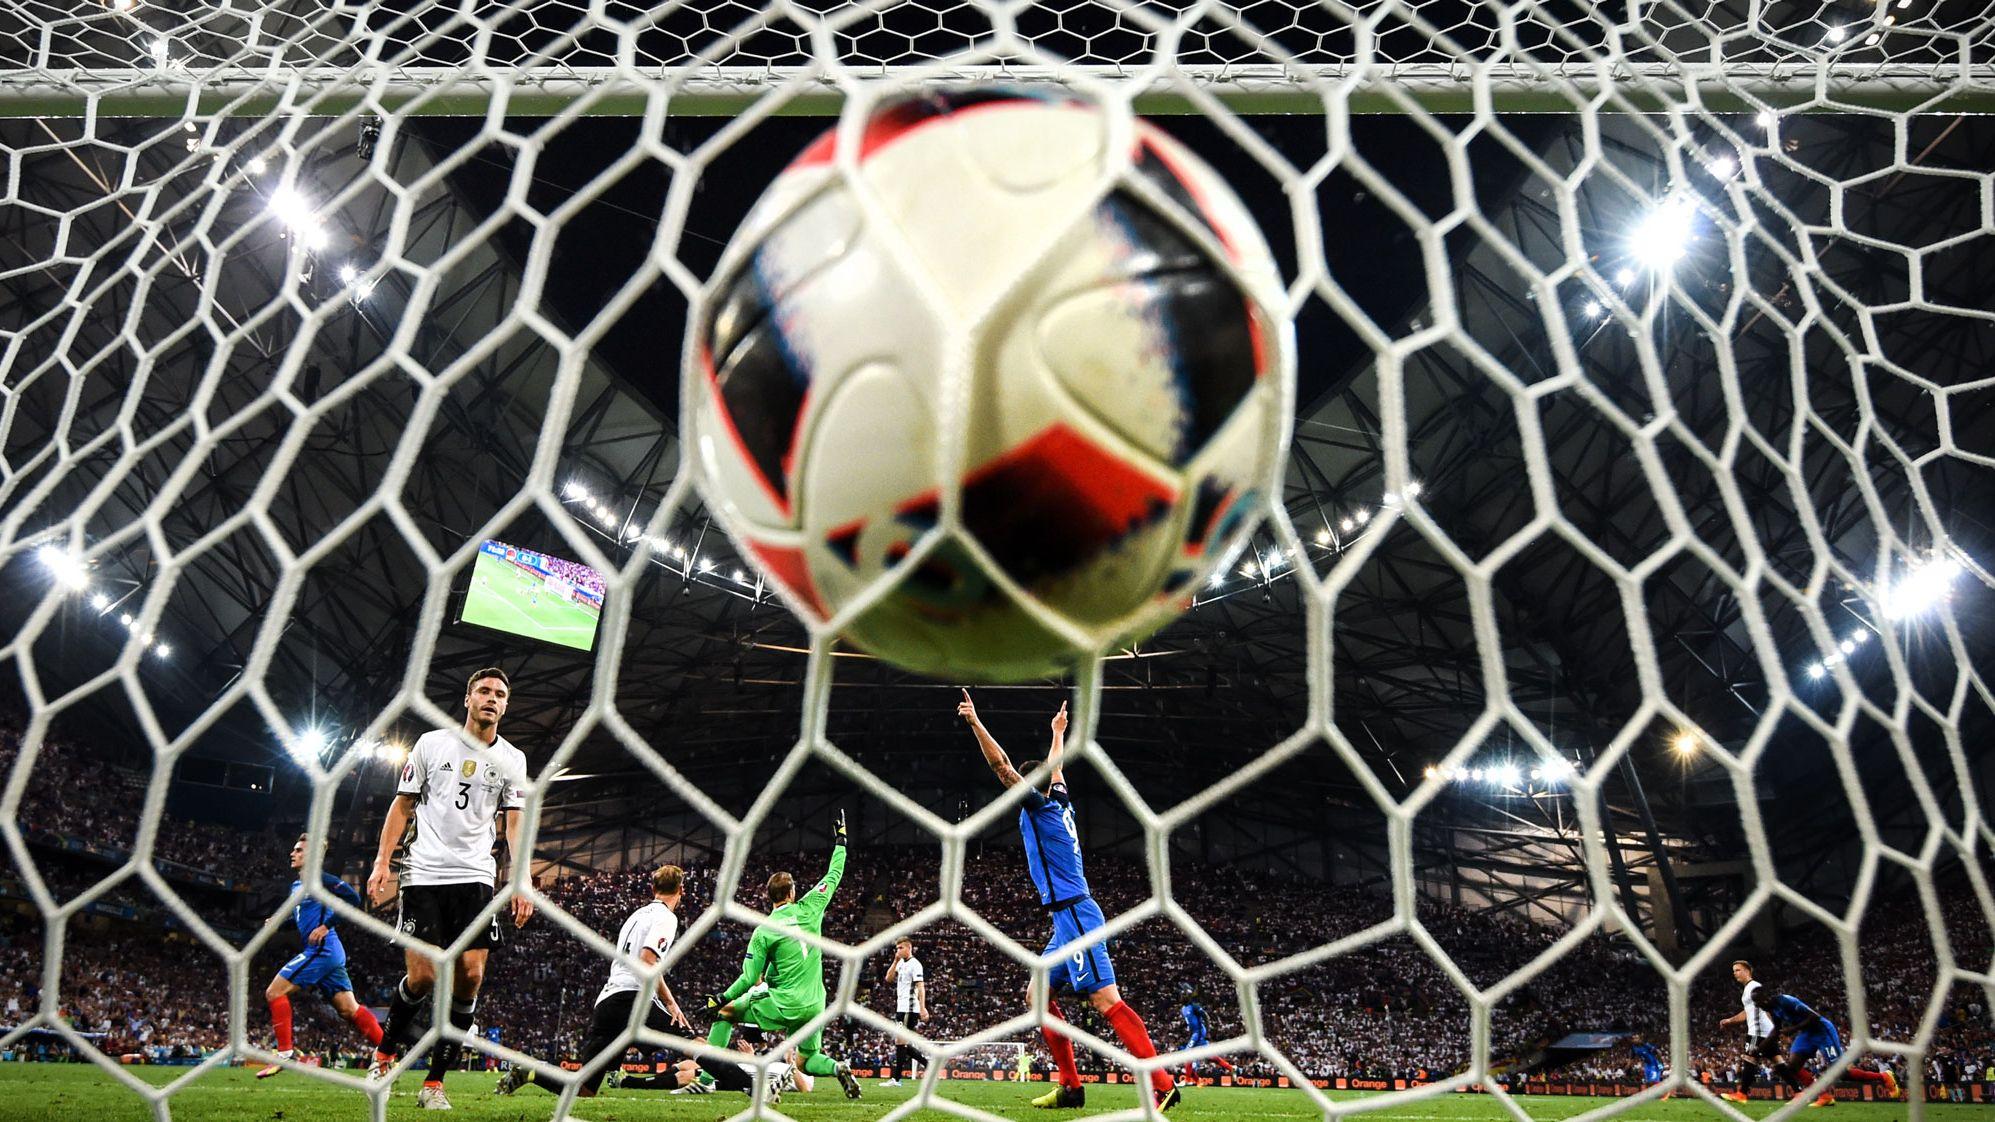 ロシアW杯の優勝国を機械学習で予測、結果は惨敗